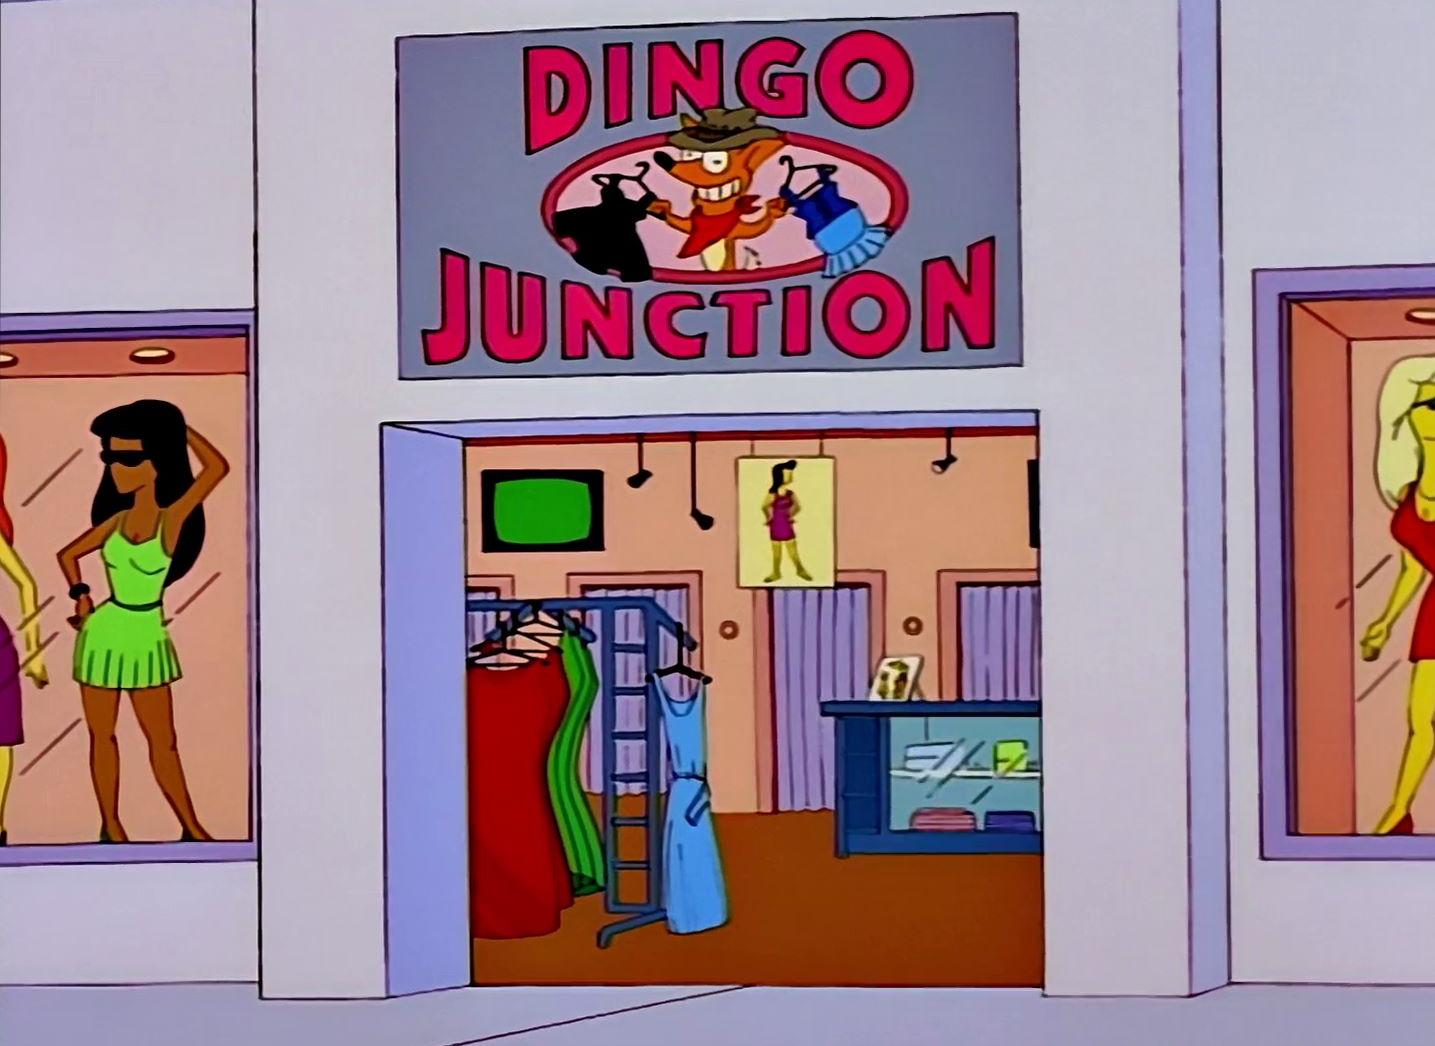 File:Dingo junction.png